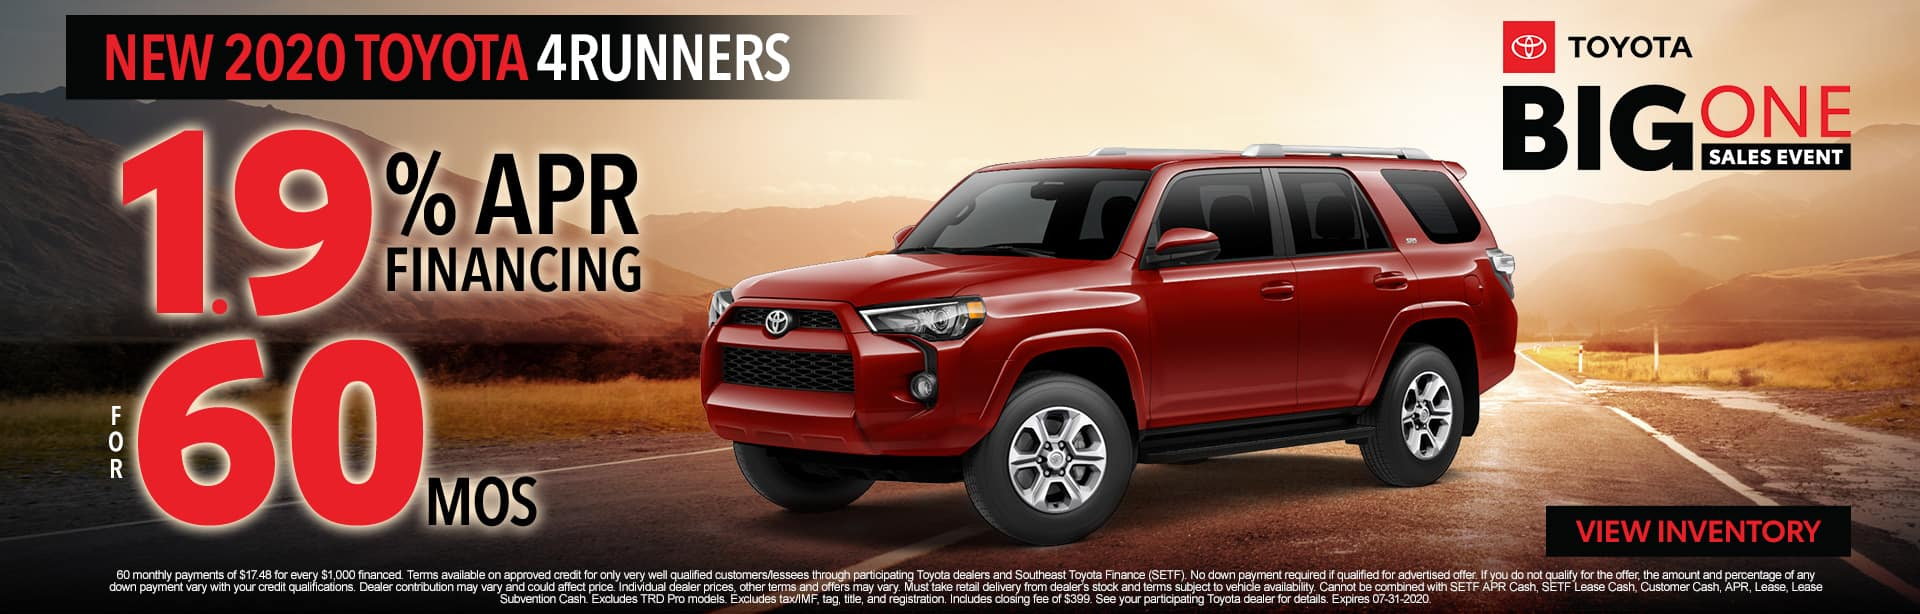 2020 Toyota 4Runners